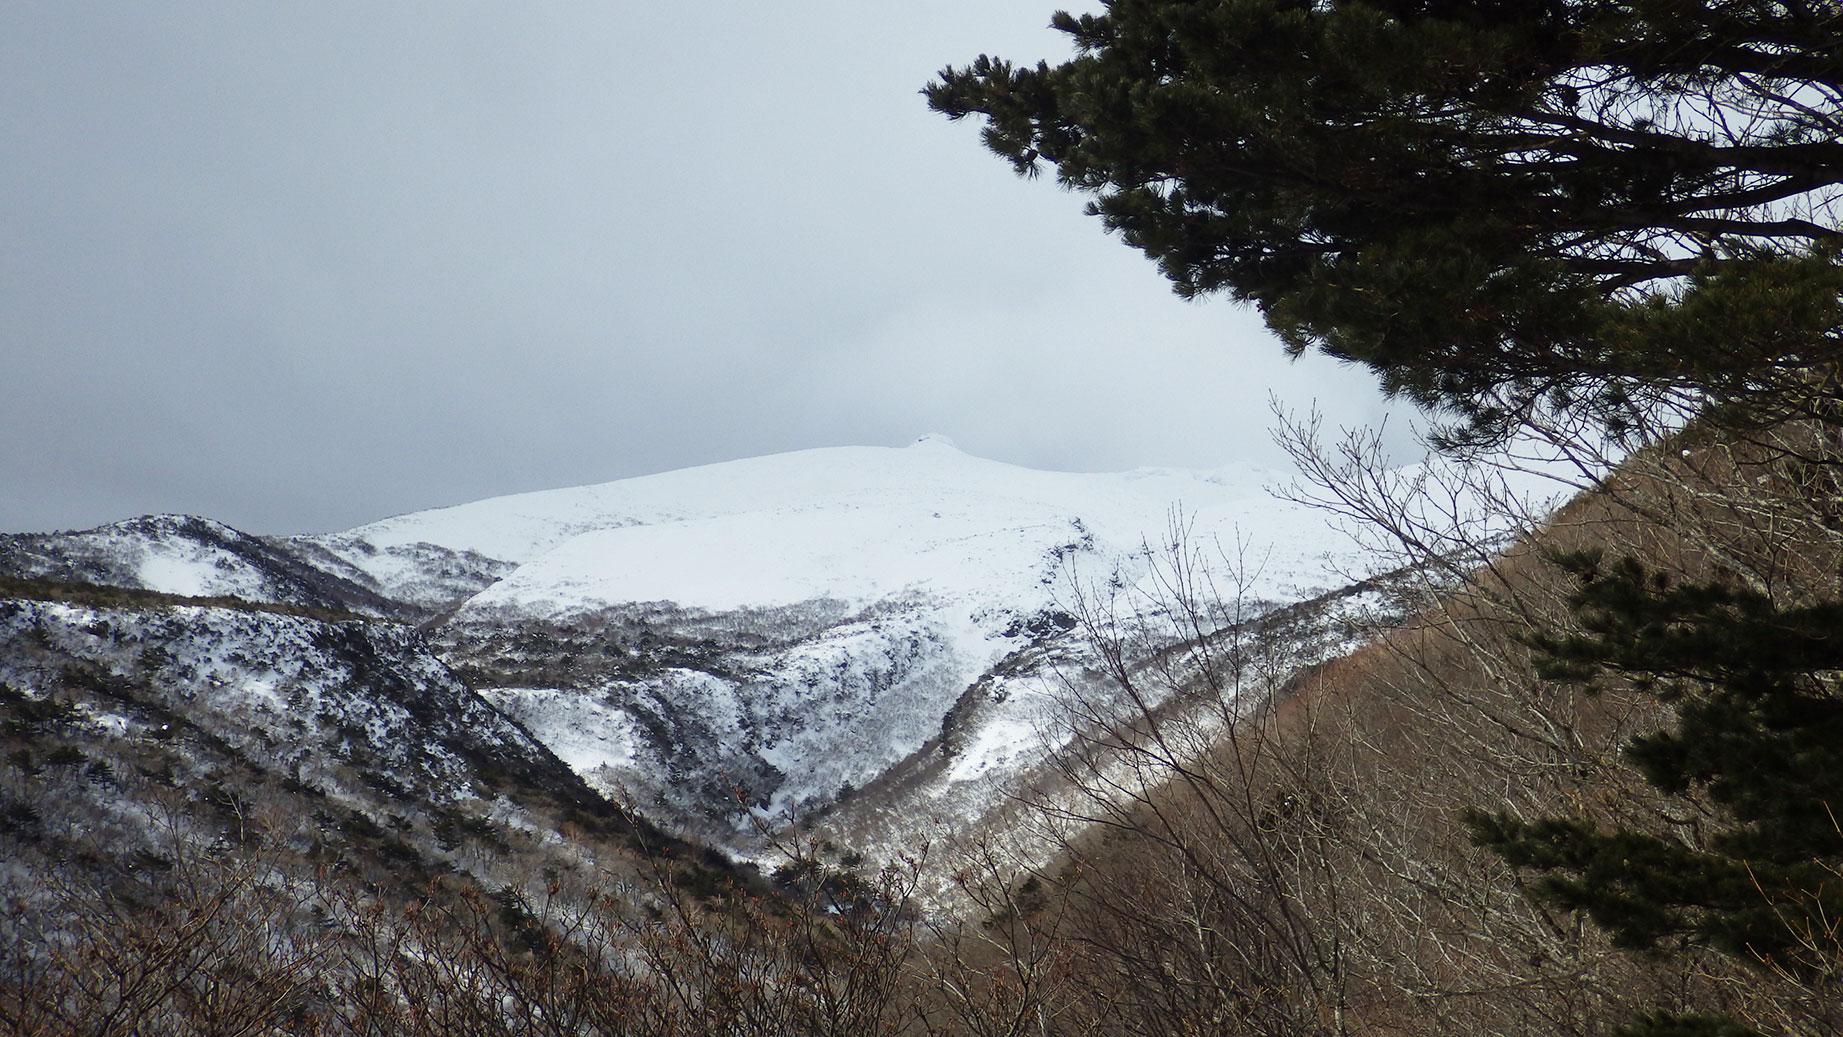 安達太良山頂方面を振り返る